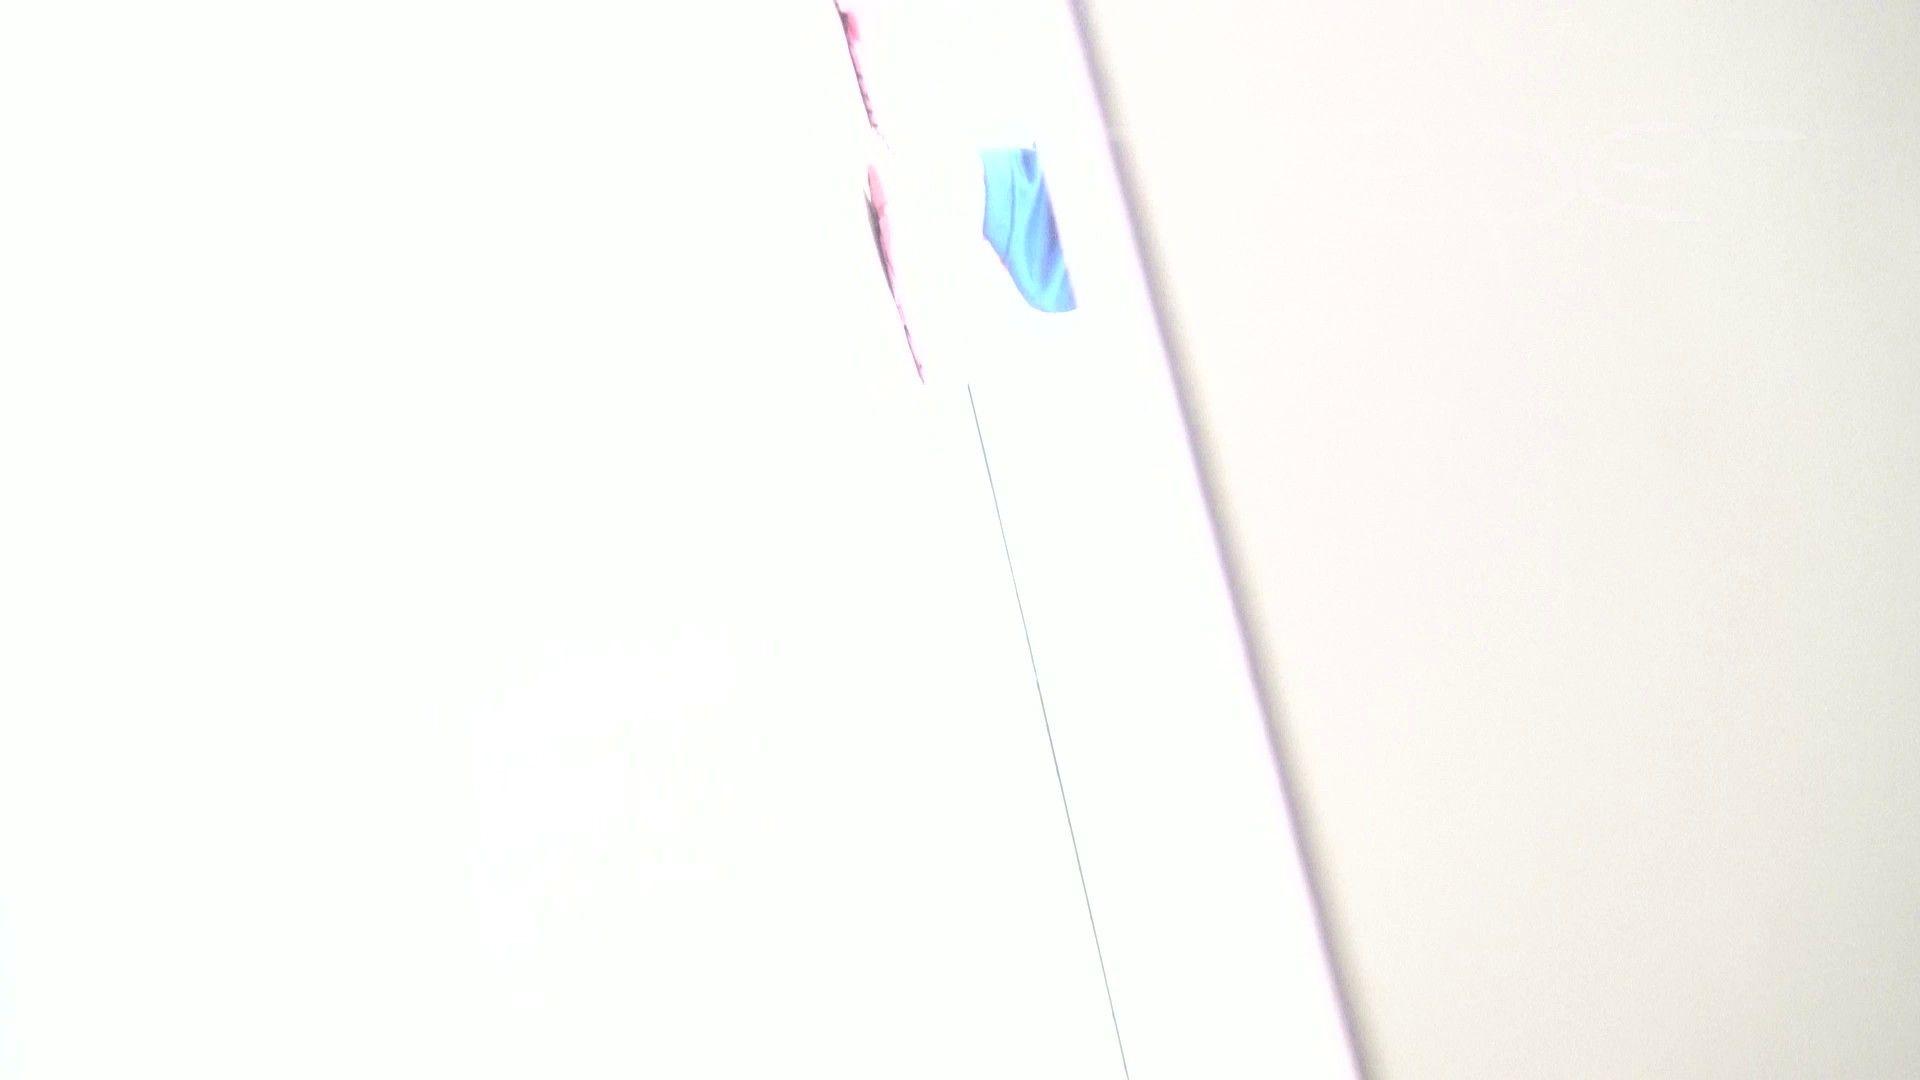 ▲期間限定D▲至高洗面所盗撮 23 至高下方撮りちょいと2カメ!! 高画質 ぱこり動画紹介 81枚 37